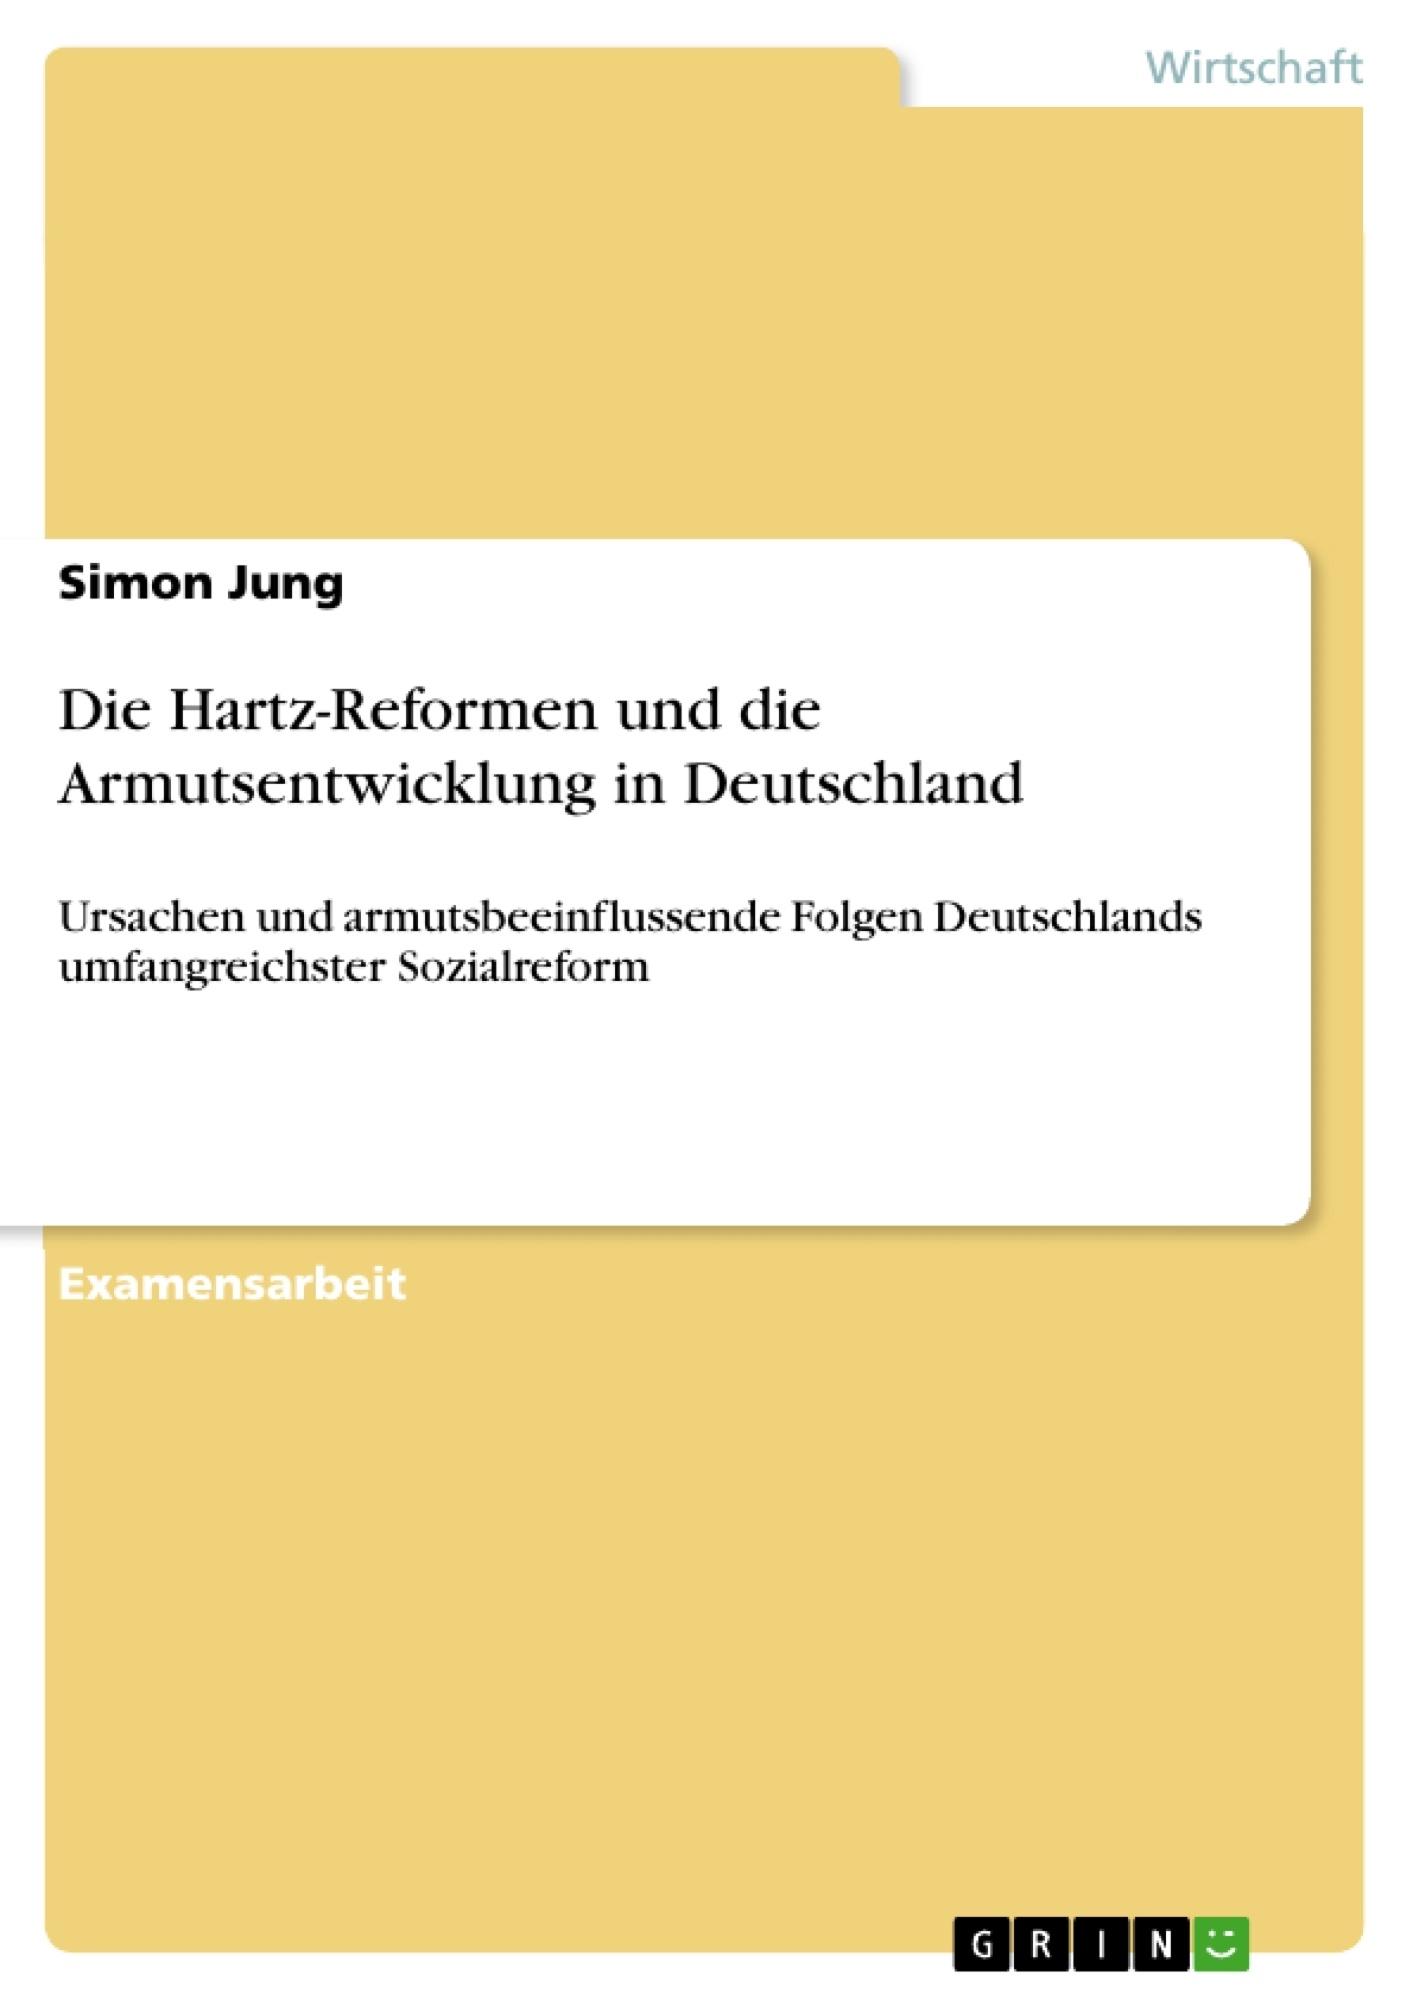 Titel: Die Hartz-Reformen und die Armutsentwicklung in Deutschland